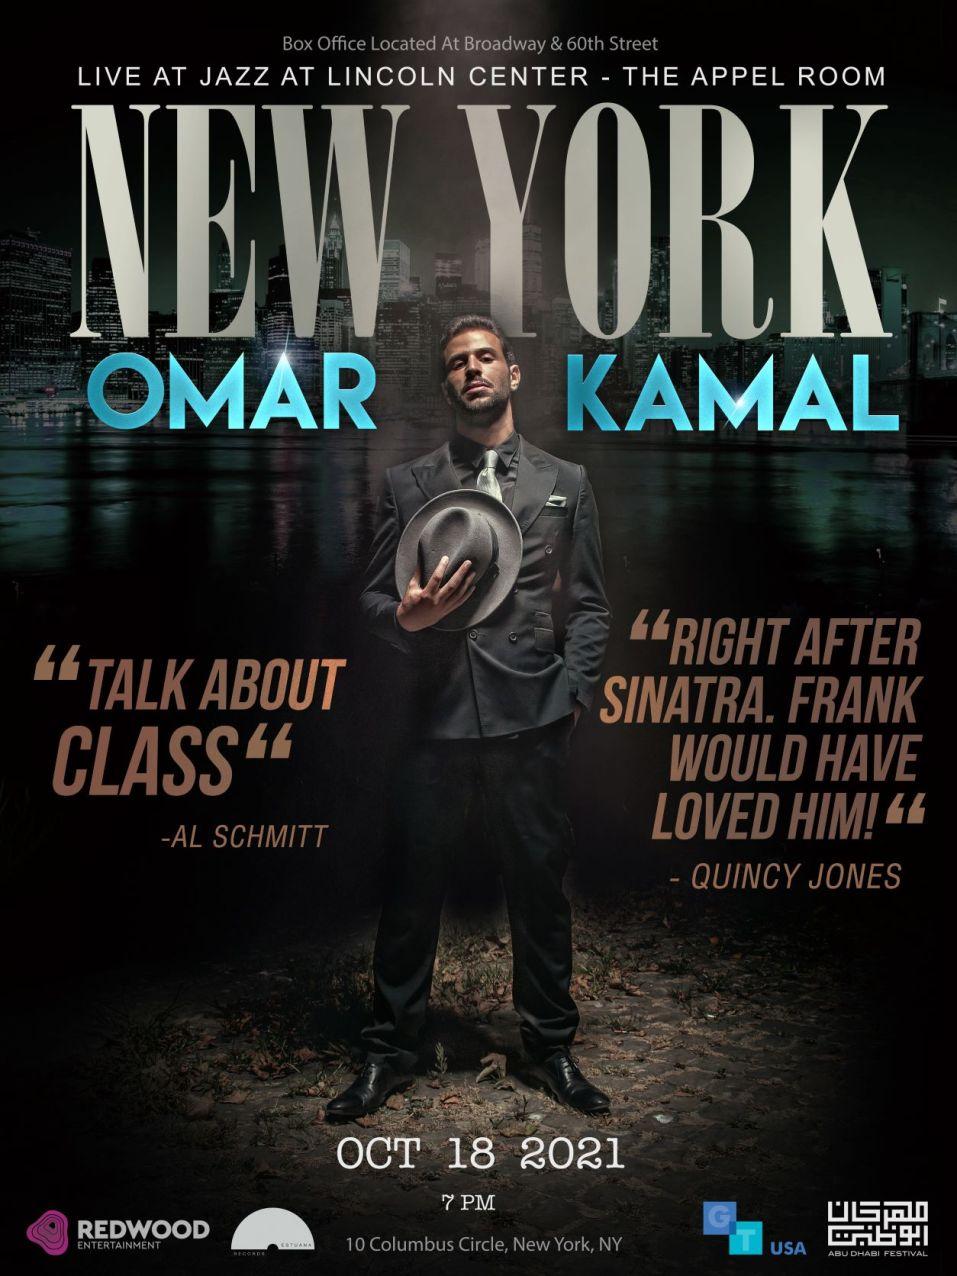 Palestinian Crooner Omar Kamal, Debuts at Lincoln Center, October 18th